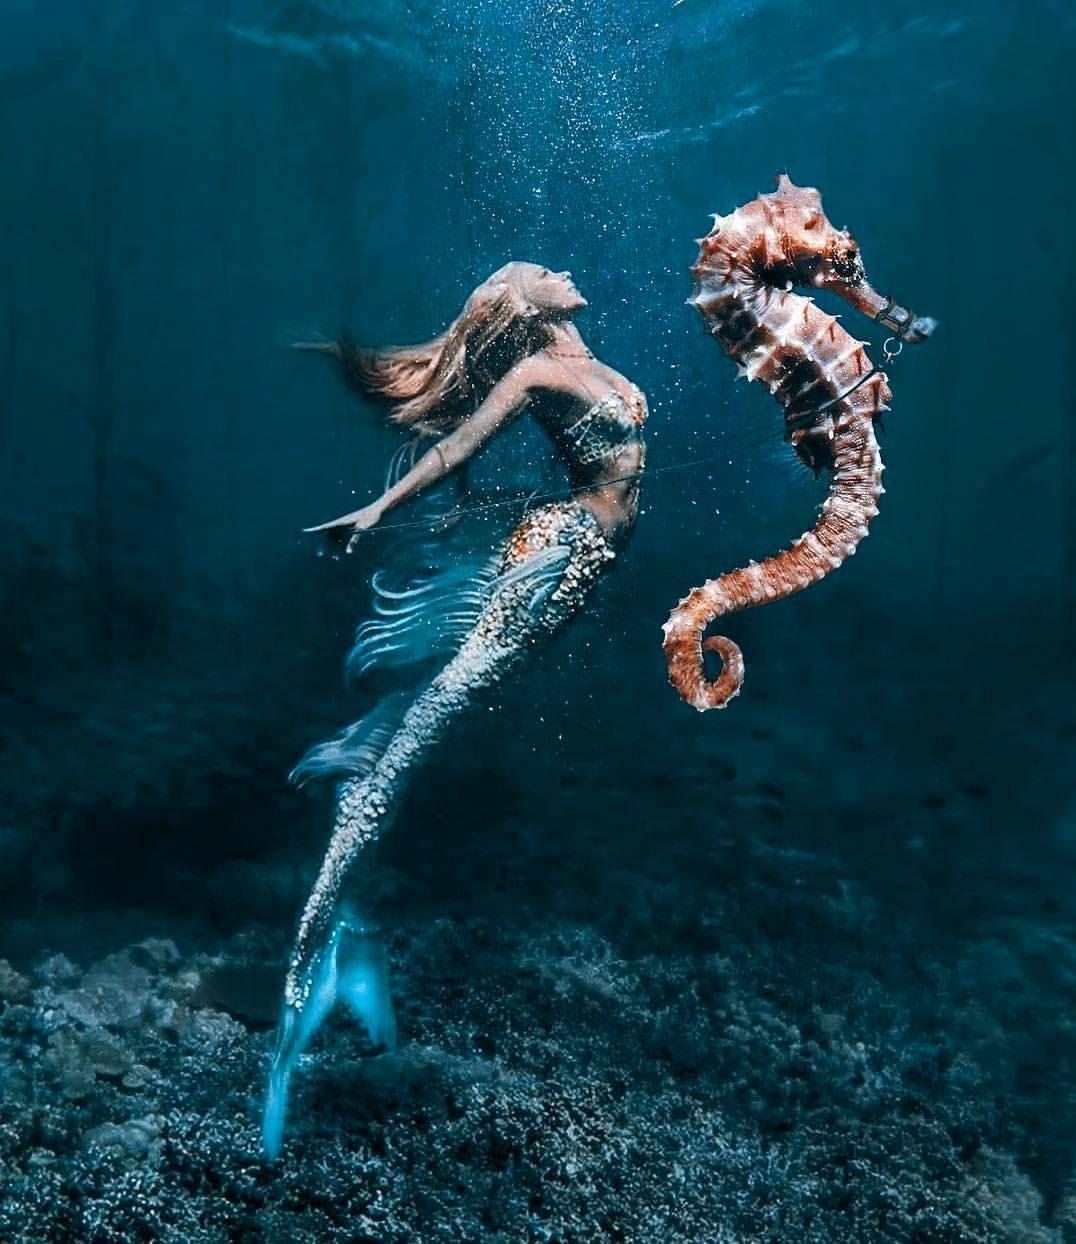 """Hannah Fraser on Instagram: """"-  Mermaid's Seahorse Original Mermaid photo by: @_jimward_ Model: @hannahmermaid  Digital seahorse art by: @art.side Decorative fins on my…"""" #mermaid"""